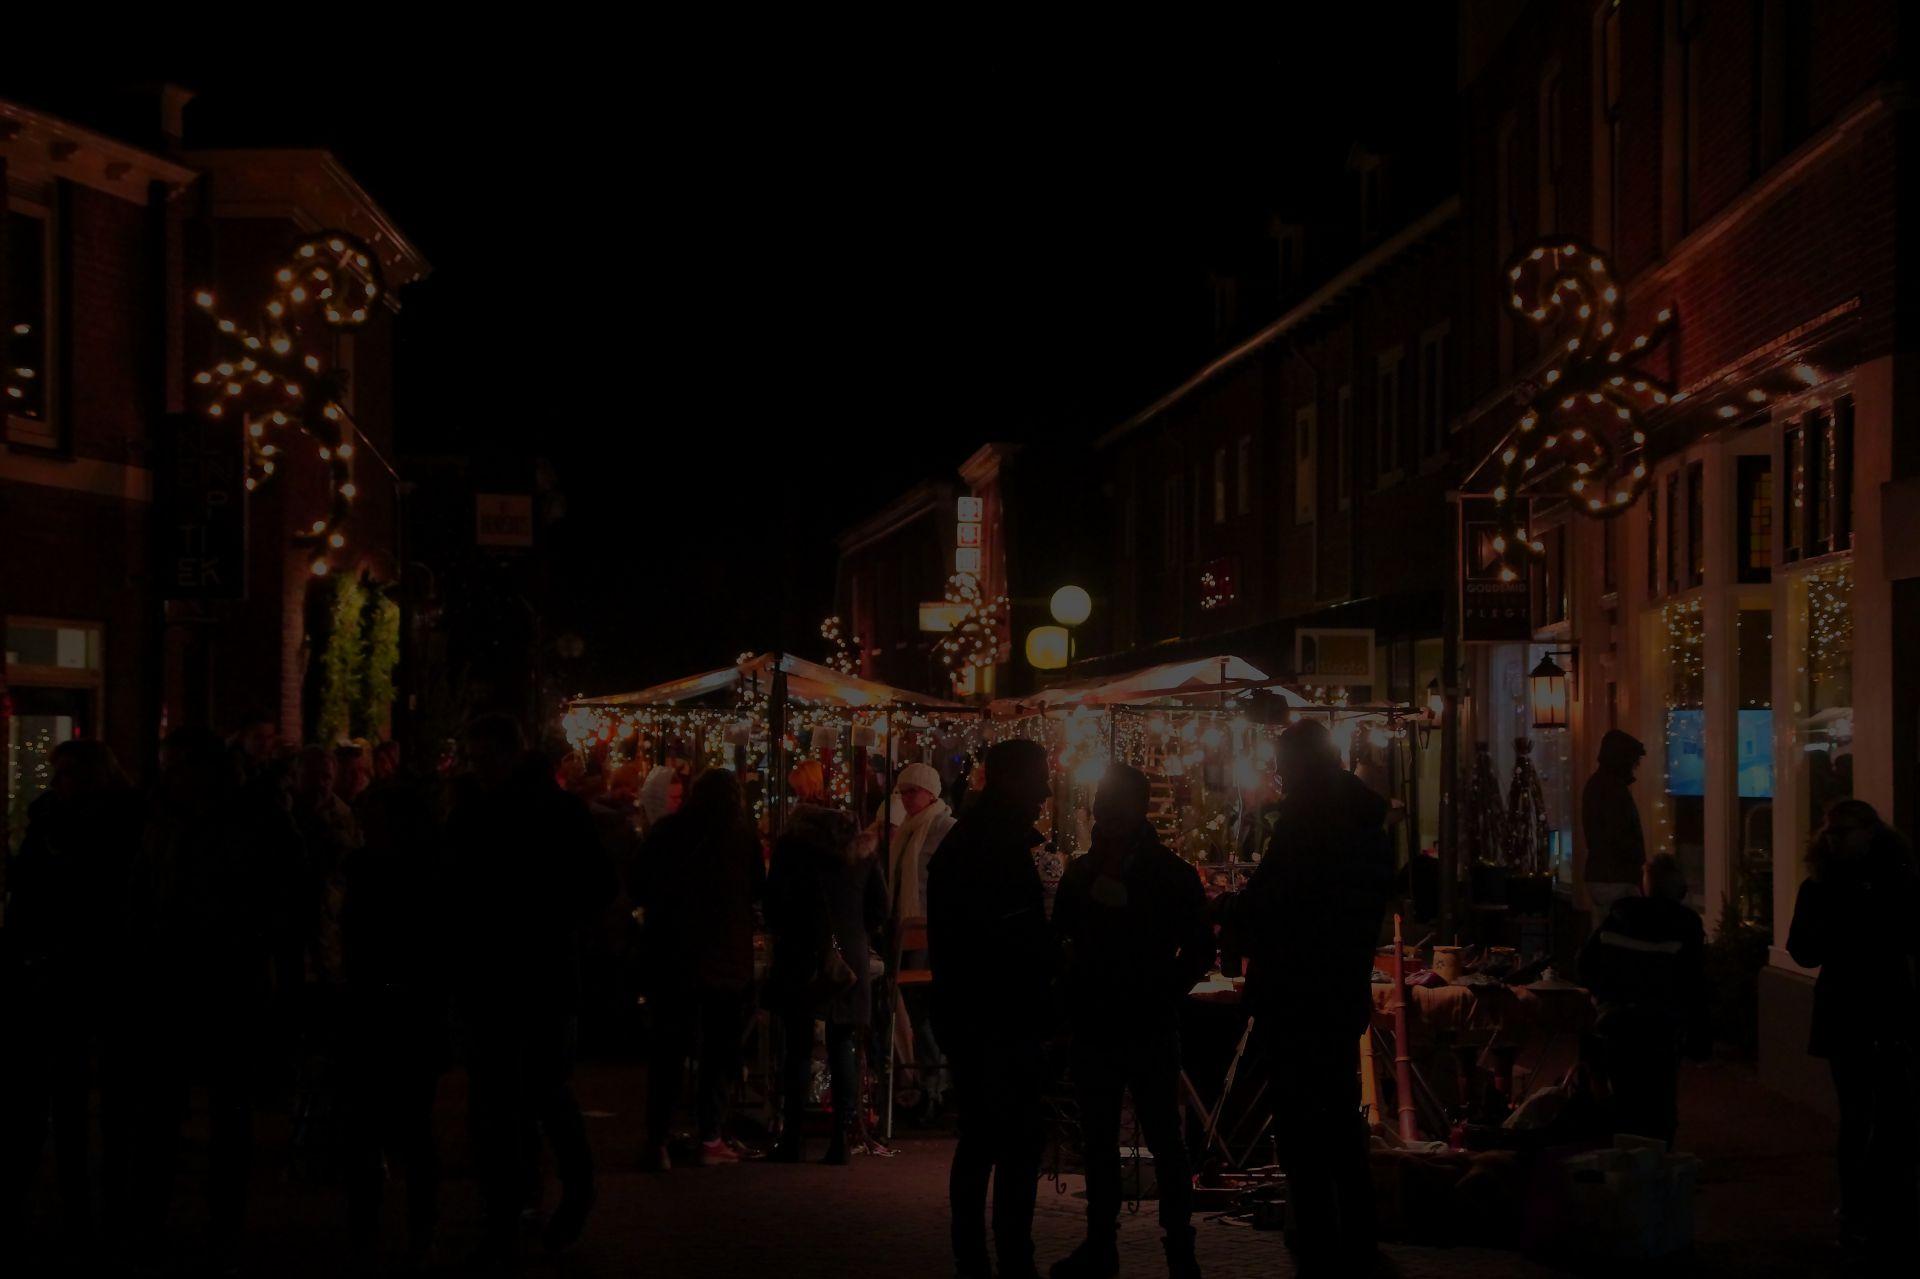 Kerstmarkt Delden weer als vanouds gezellig